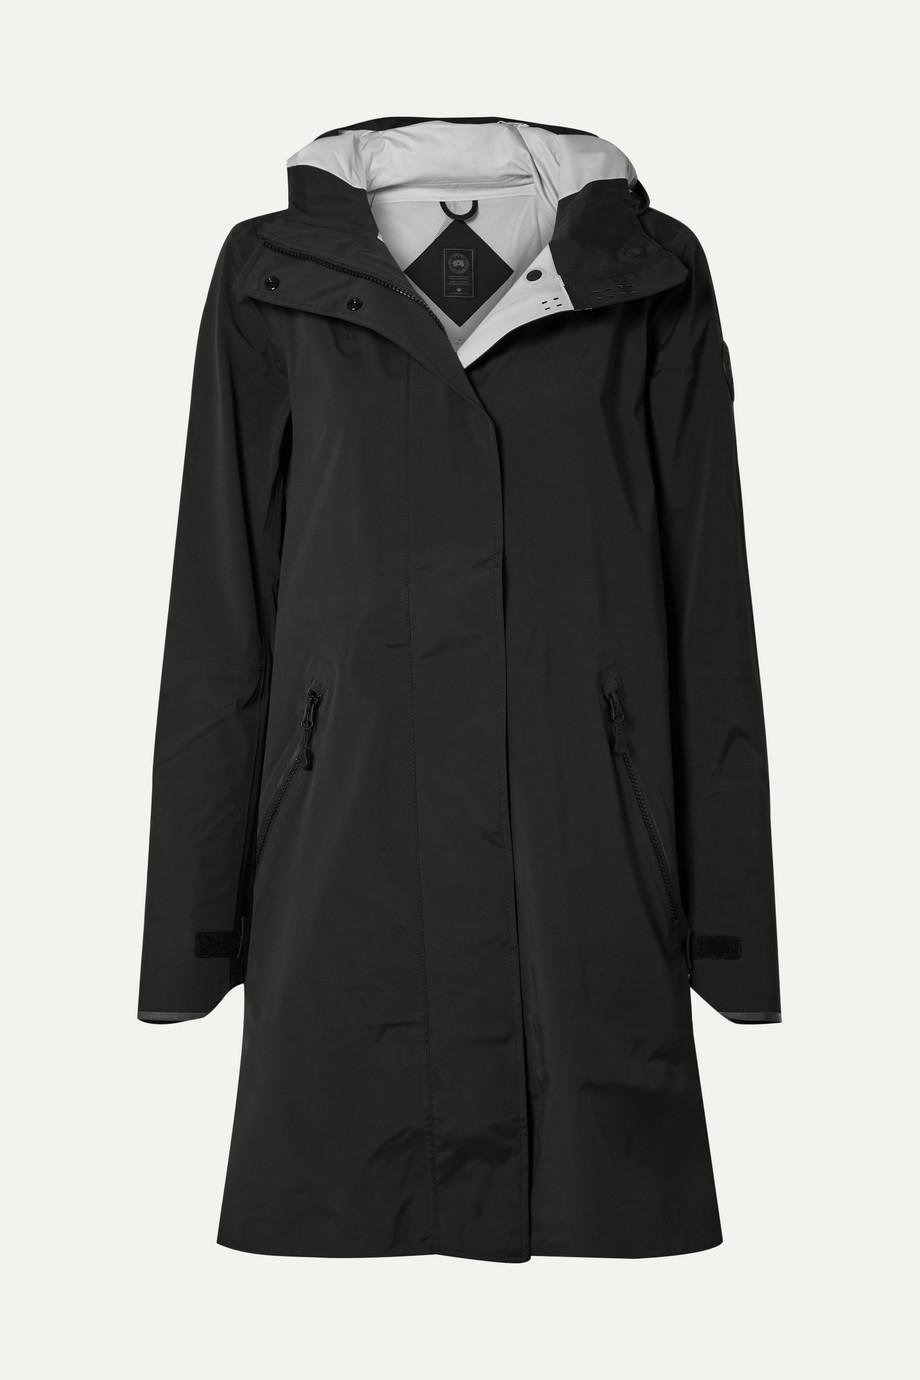 Canada Goose Kitsilano hooded reflective-trimmed shell jacket